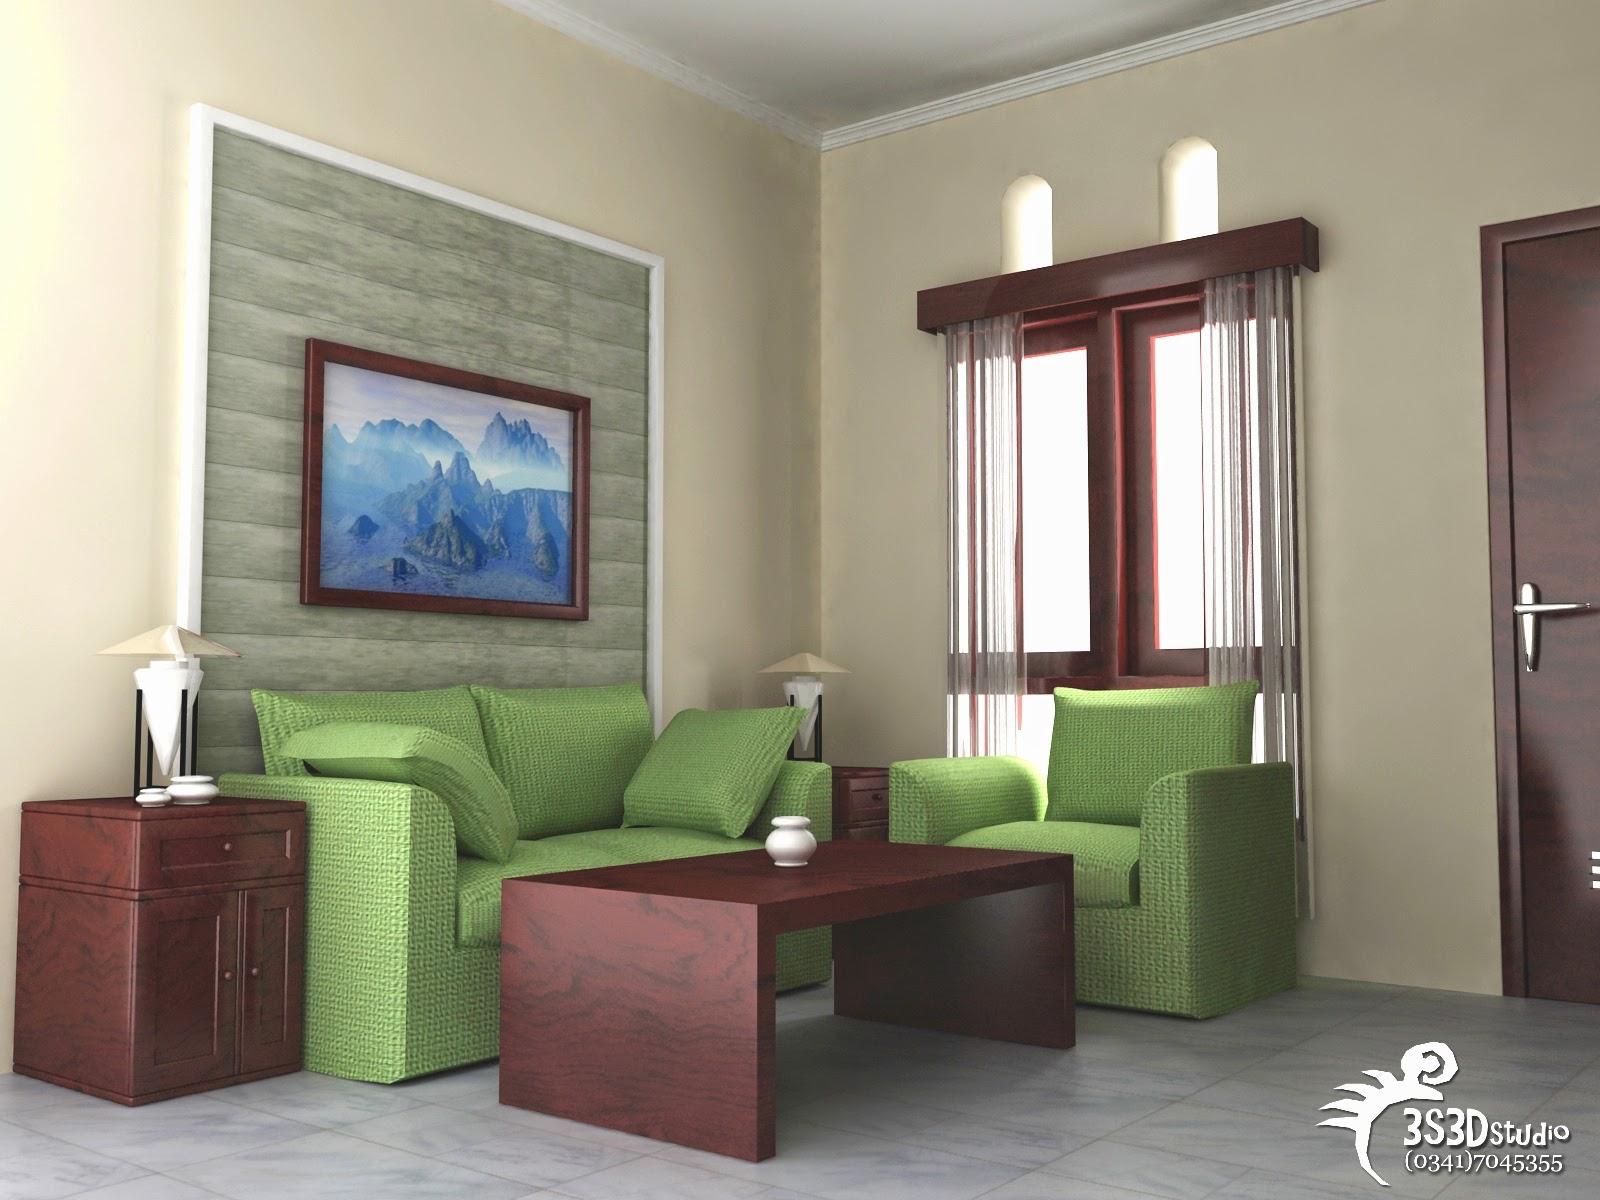 desain properti ruang tamu kecil terbaru 2014 desain